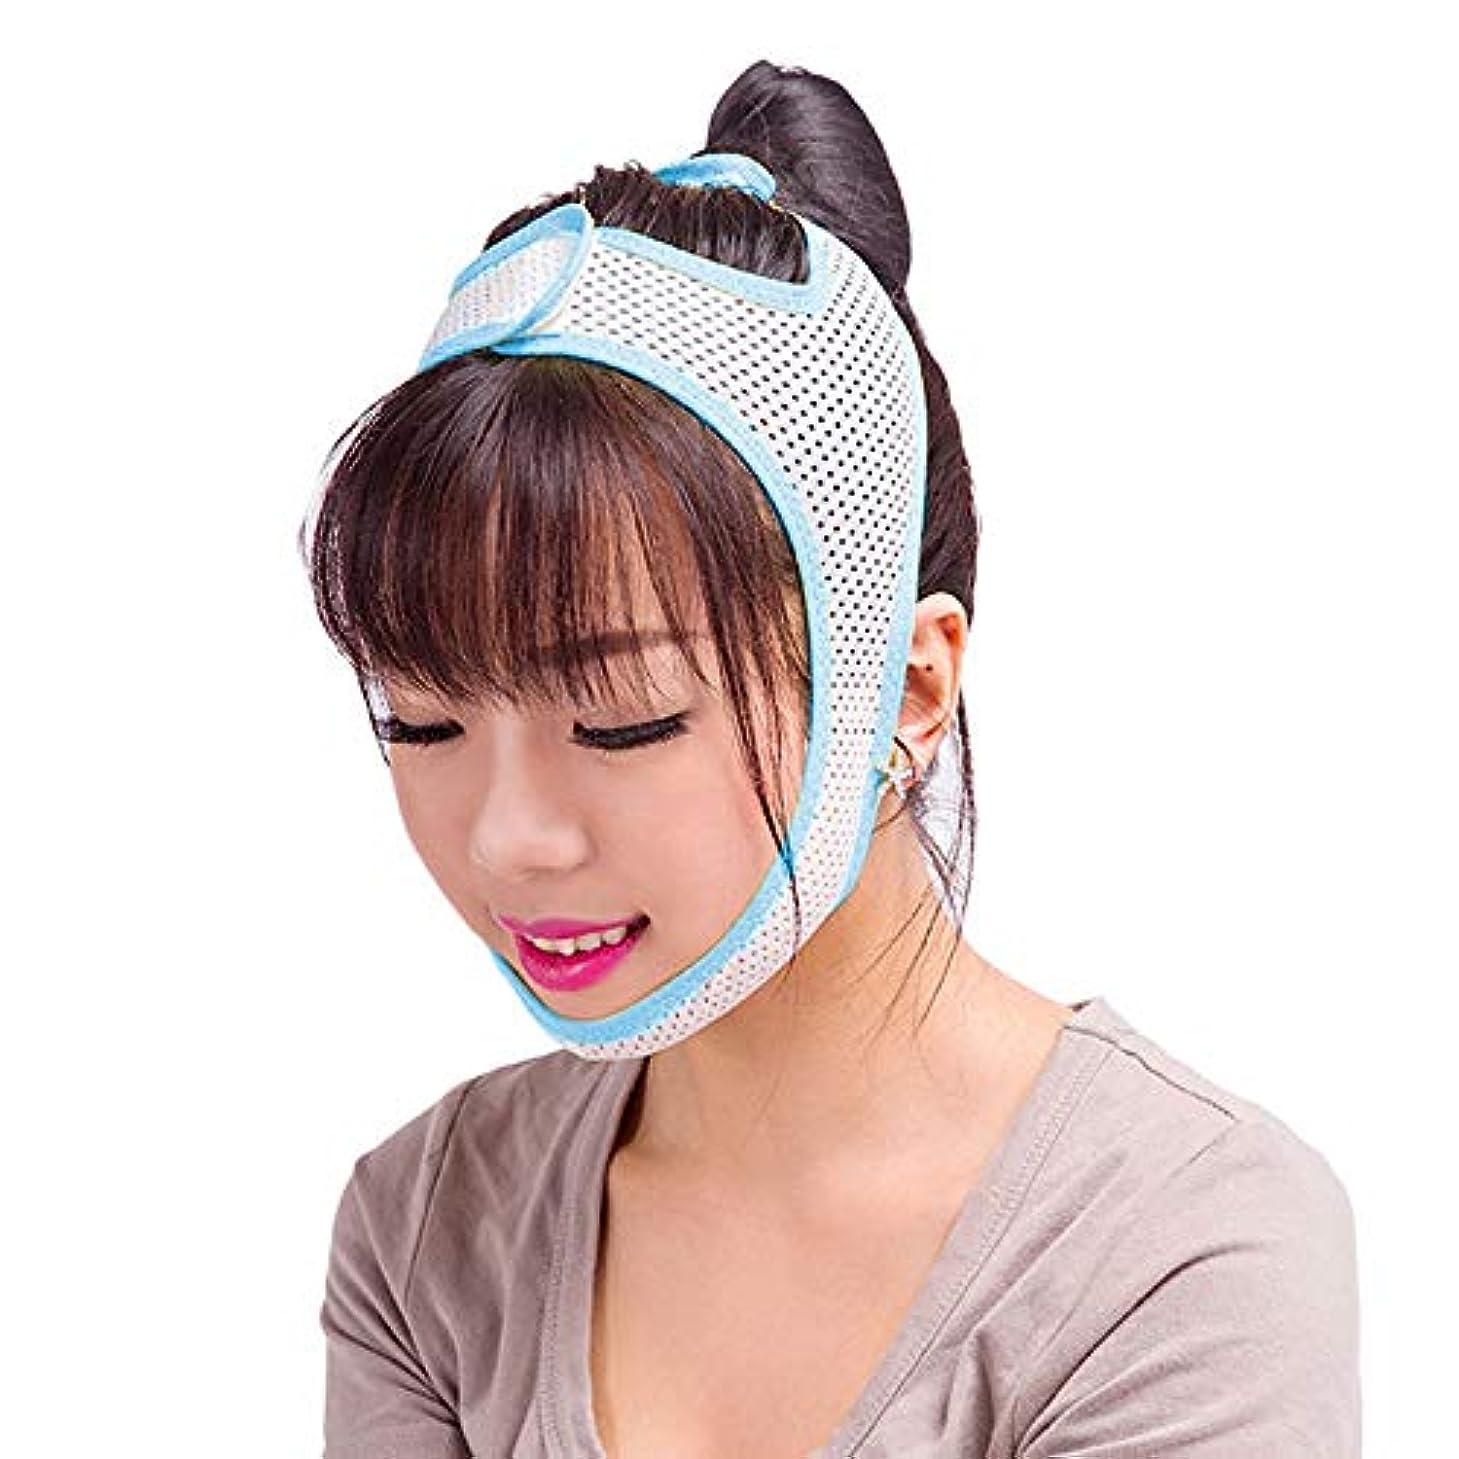 管理しますくすぐったいレオナルドダ超薄型の フェイスリフト包帯、フェイスリフトマスク付き/プル二重あご咬合法則パターン(青と白),M